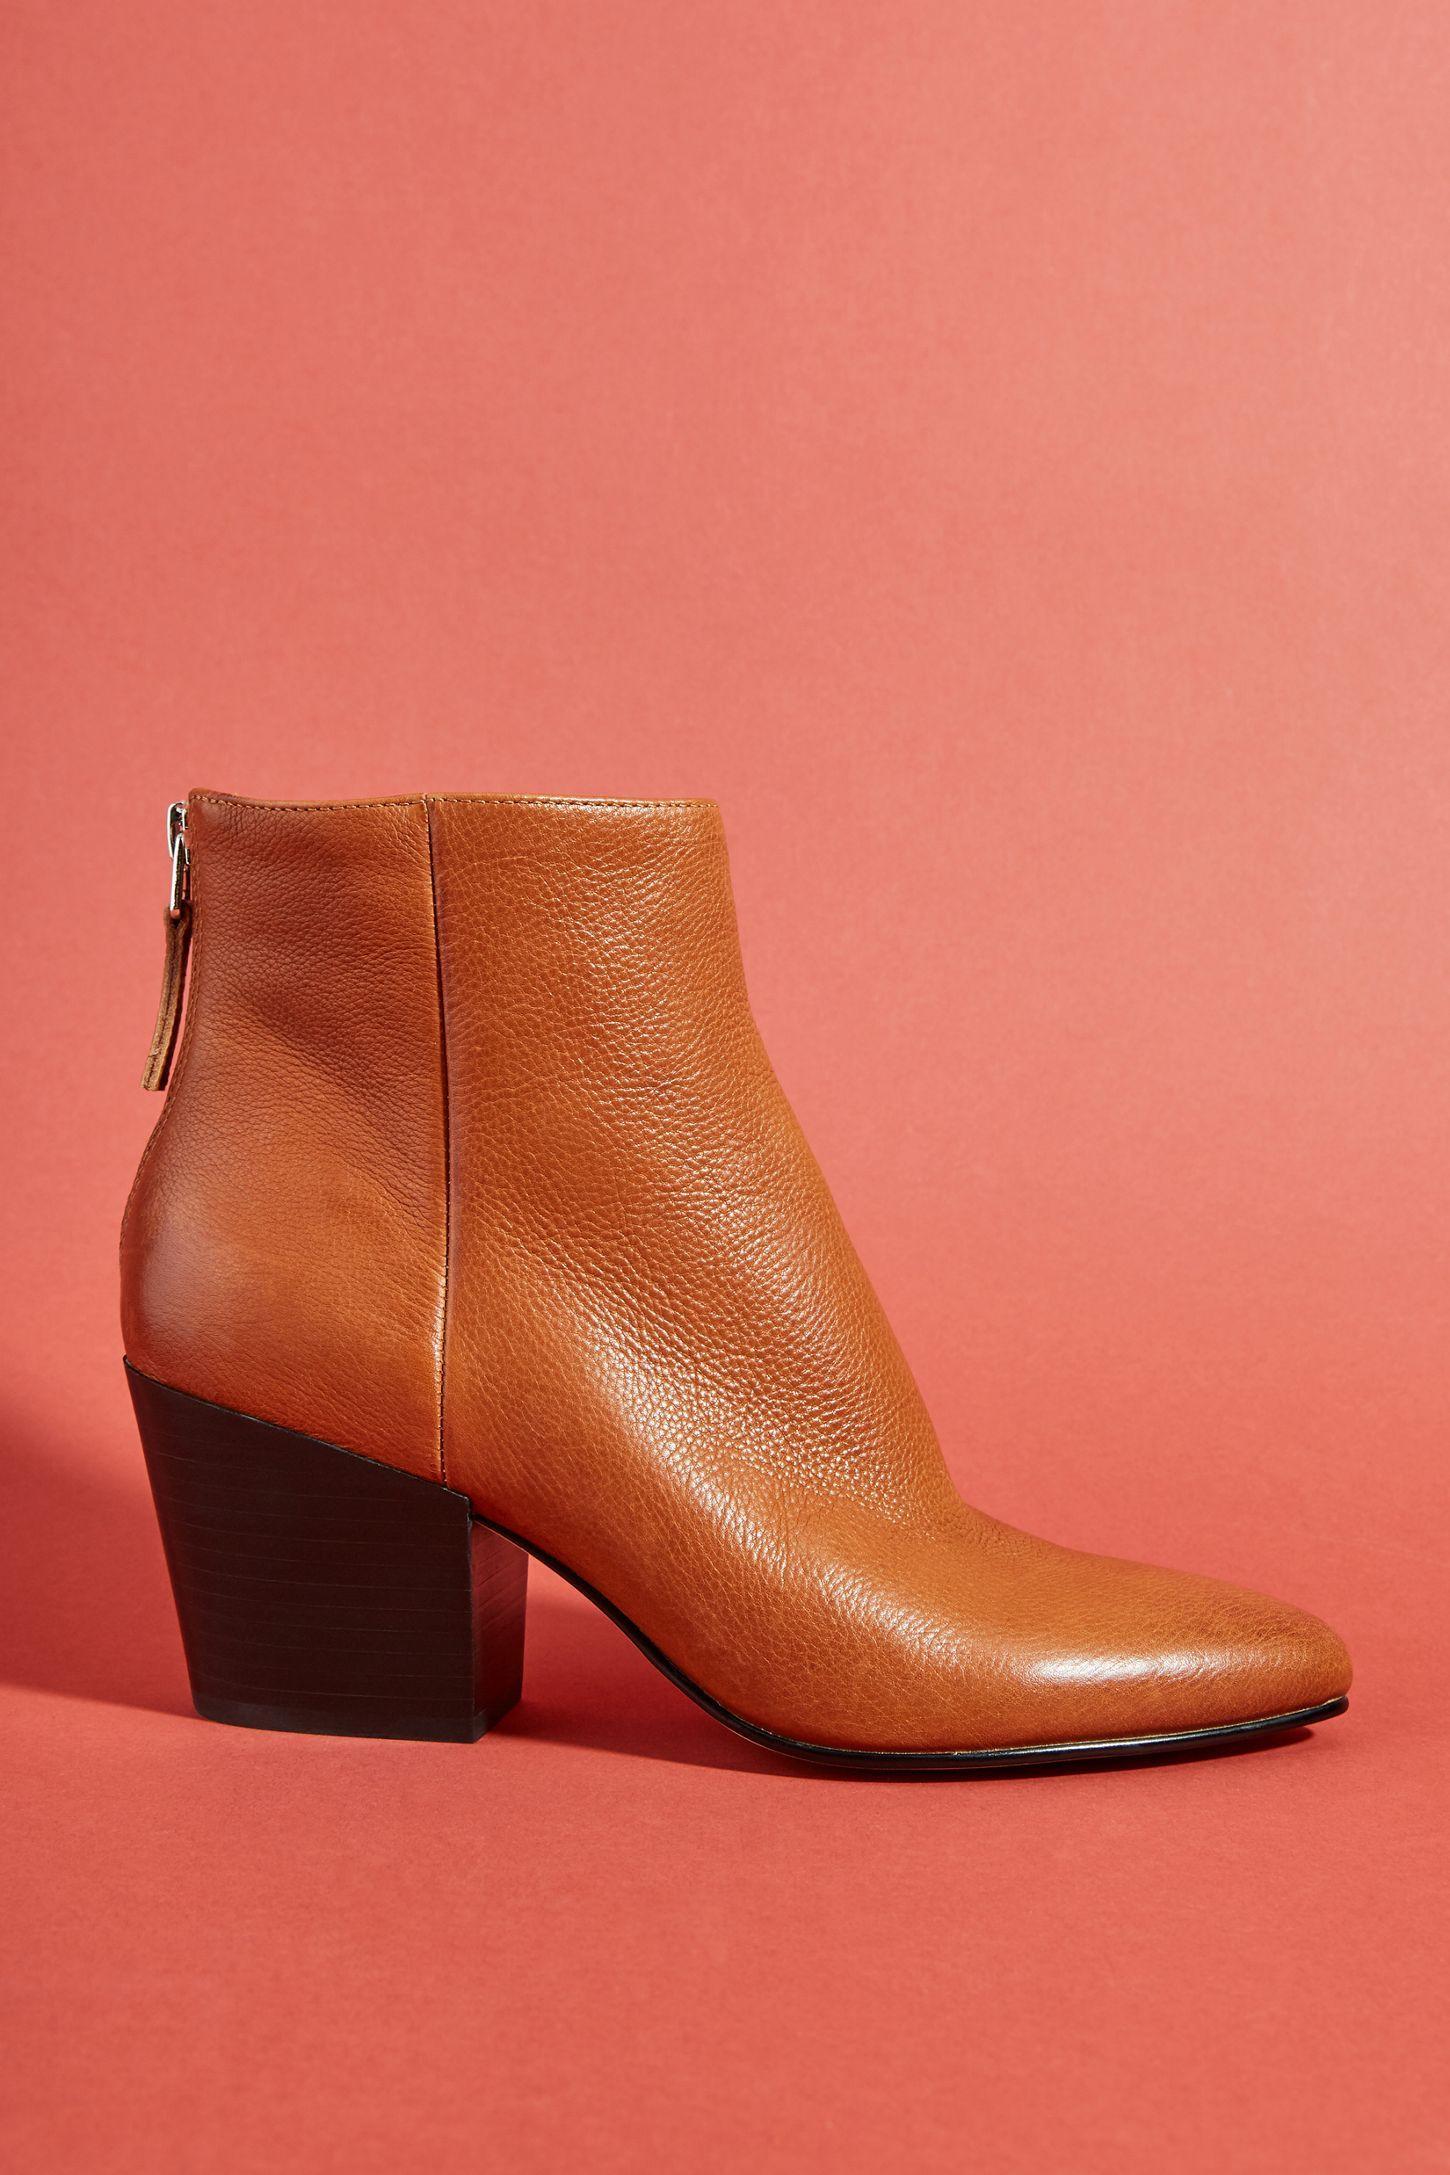 2c4fc7b5c Slide View: 1: Dolce Vita Coltyn Leather Boots Nízke Kozačky, Topánky, Čižmy